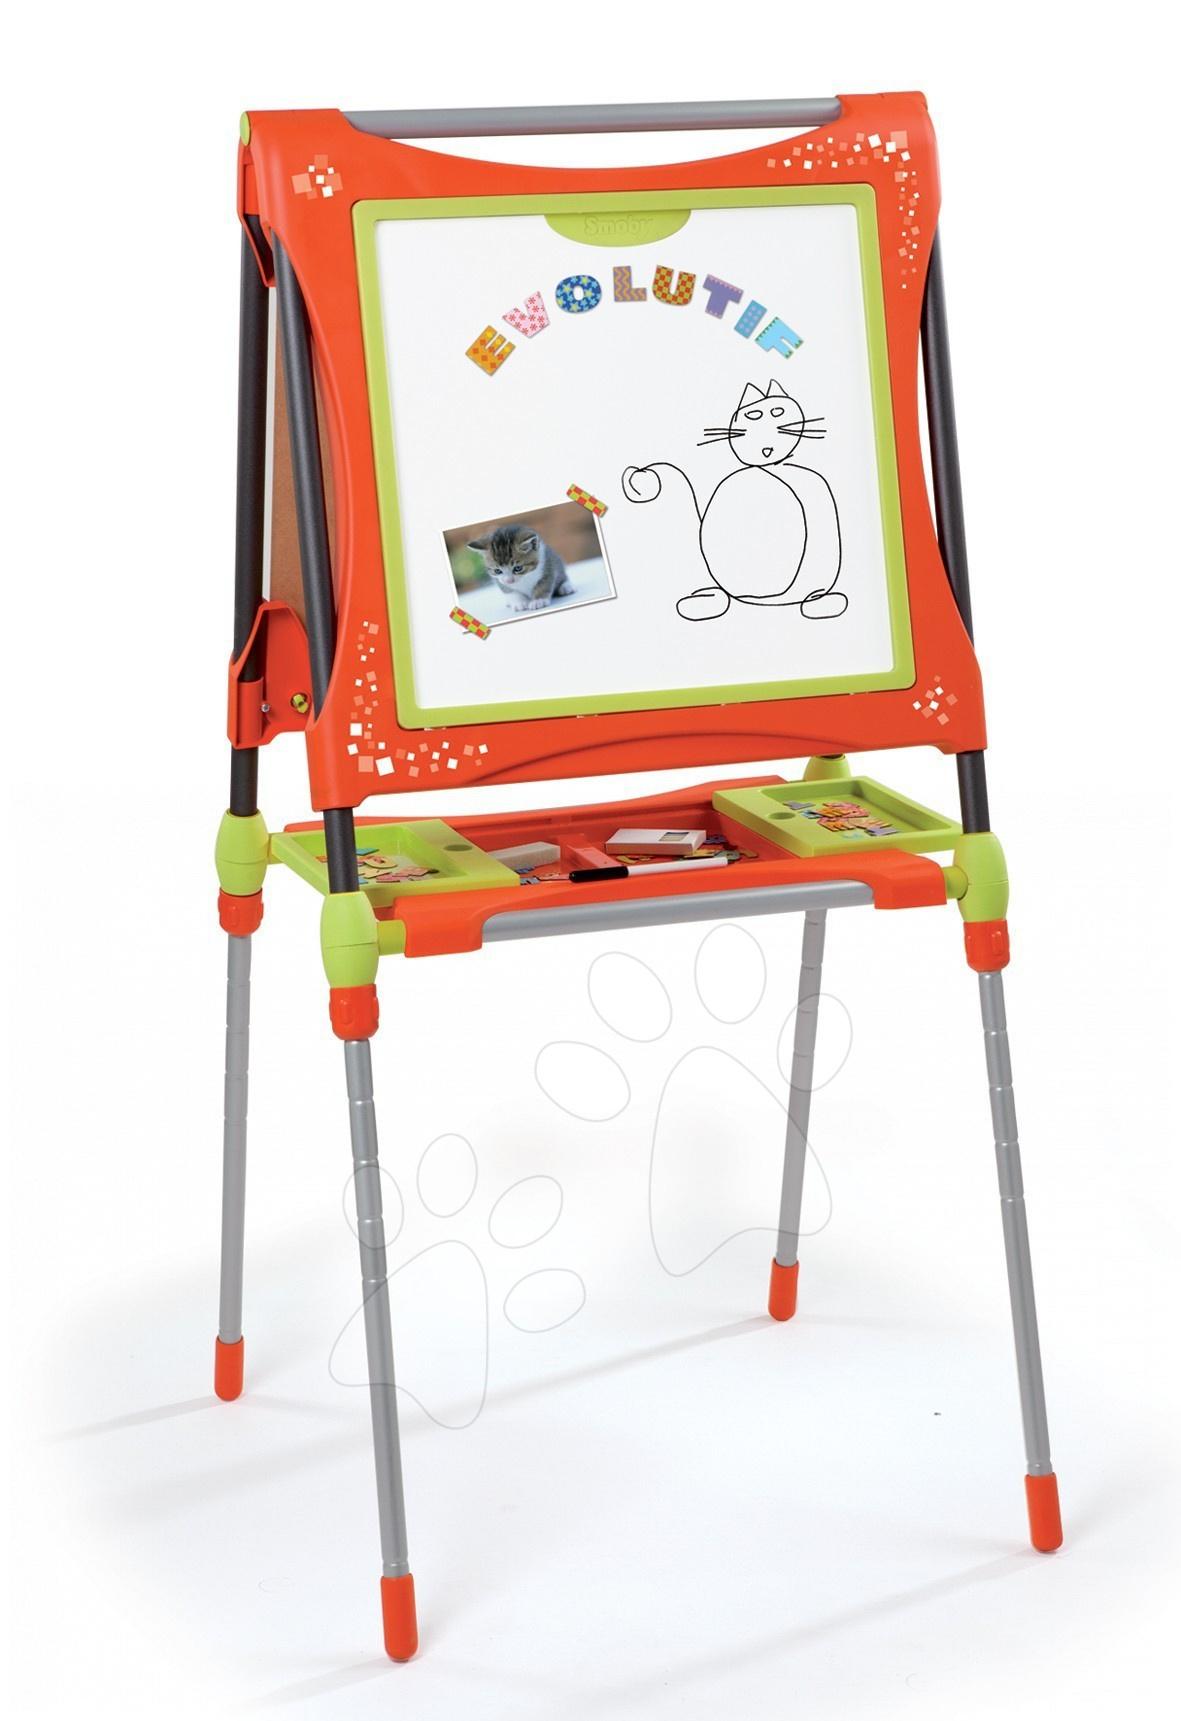 Školní magnetická tabule Smoby oboustranná, polohovatelná s kovovou konstrukcí a 61 doplňky oranžovo-zelená